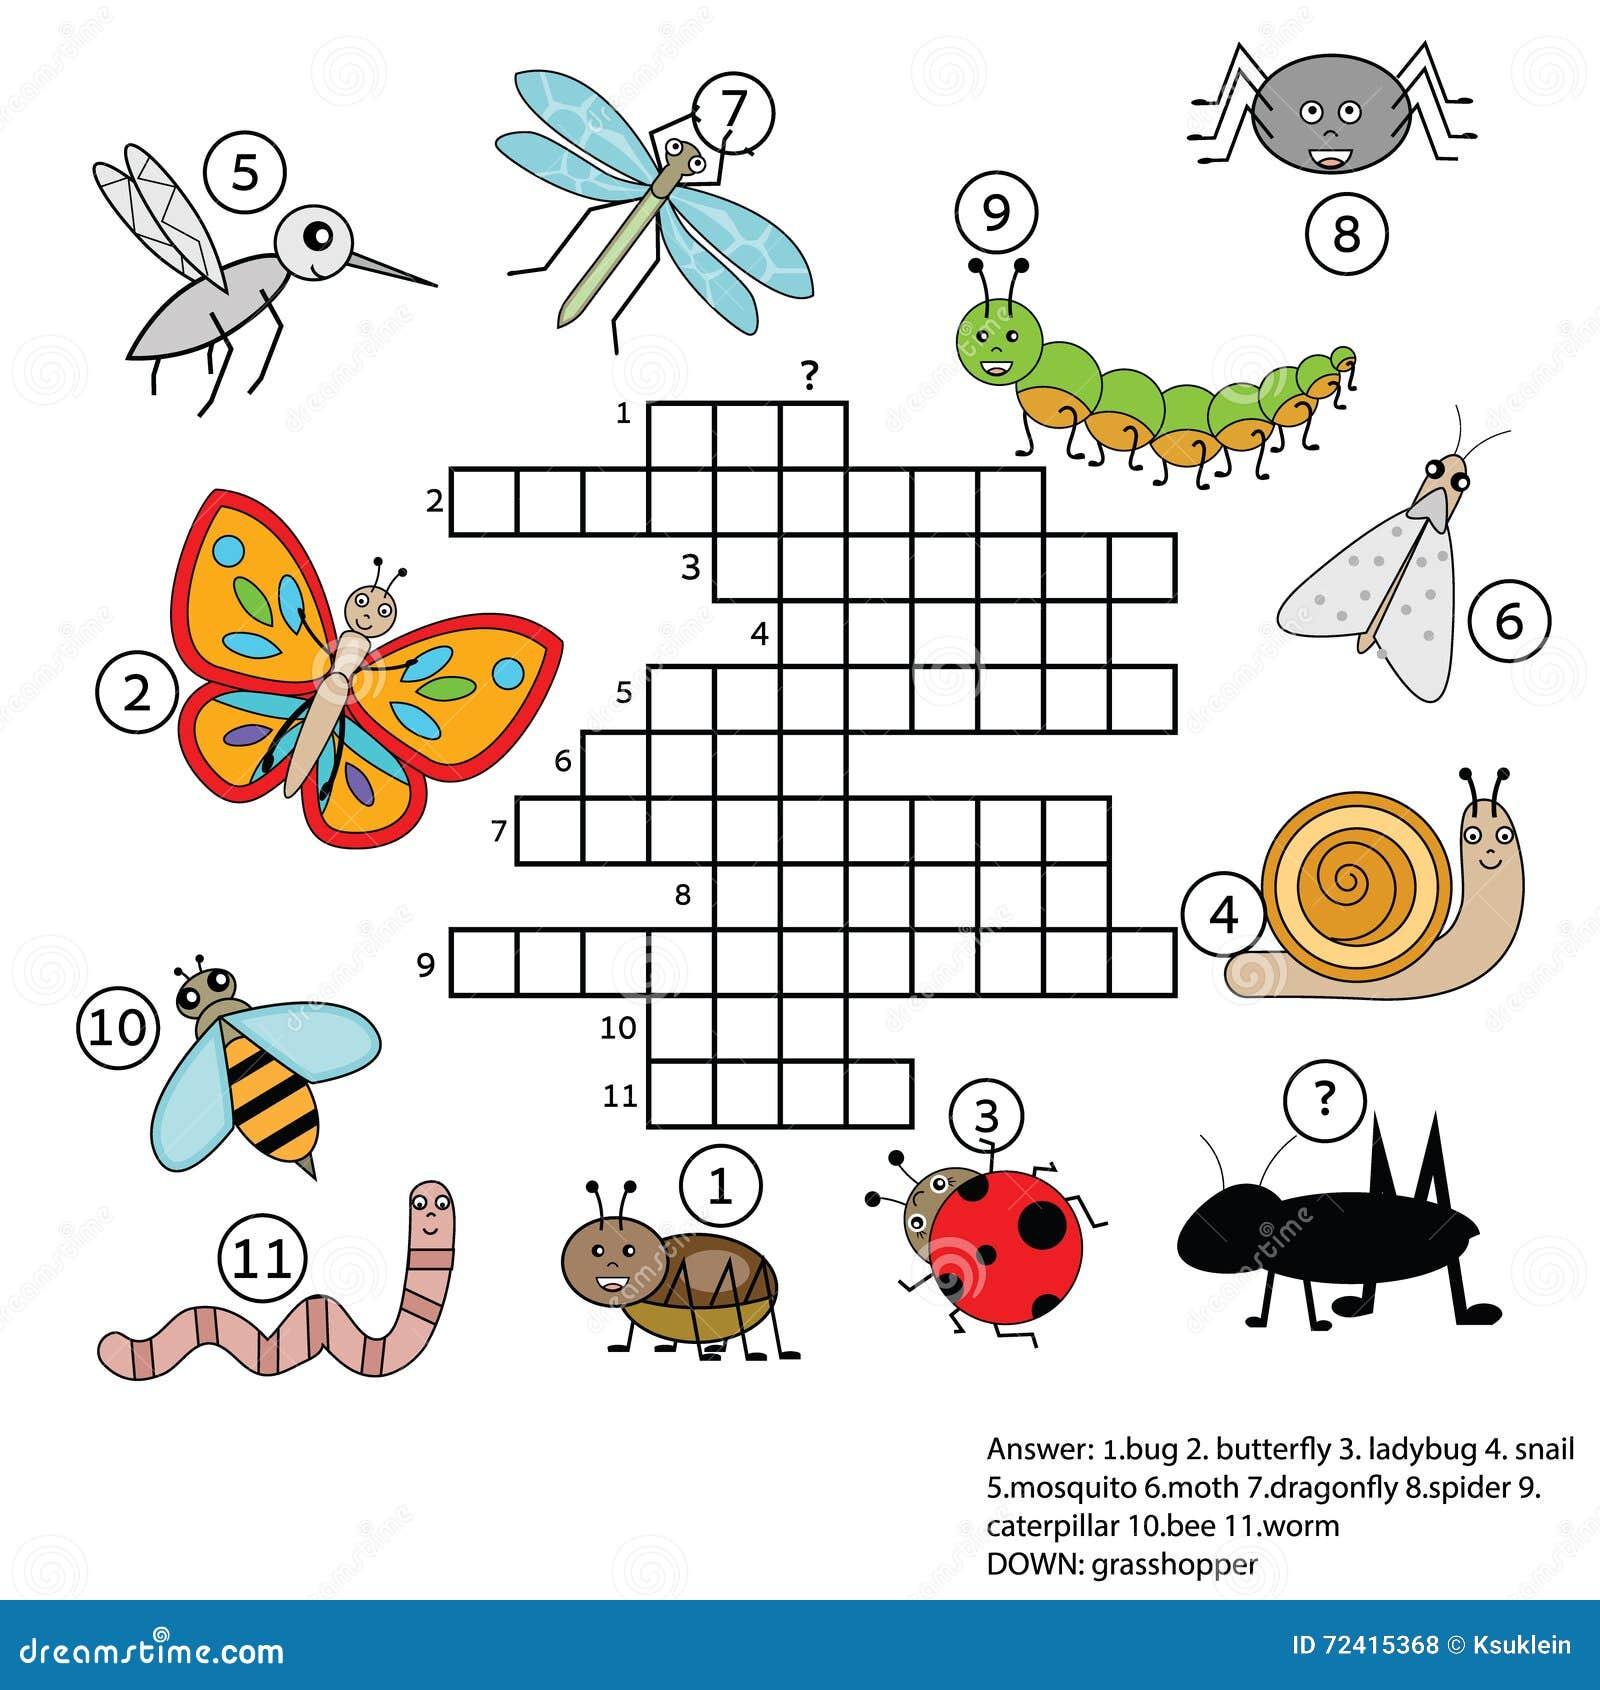 Jogo Educacional Das Crianças Das Palavras Cruzadas Com Resposta Tema Dos Insetos Ilustração do Vetor